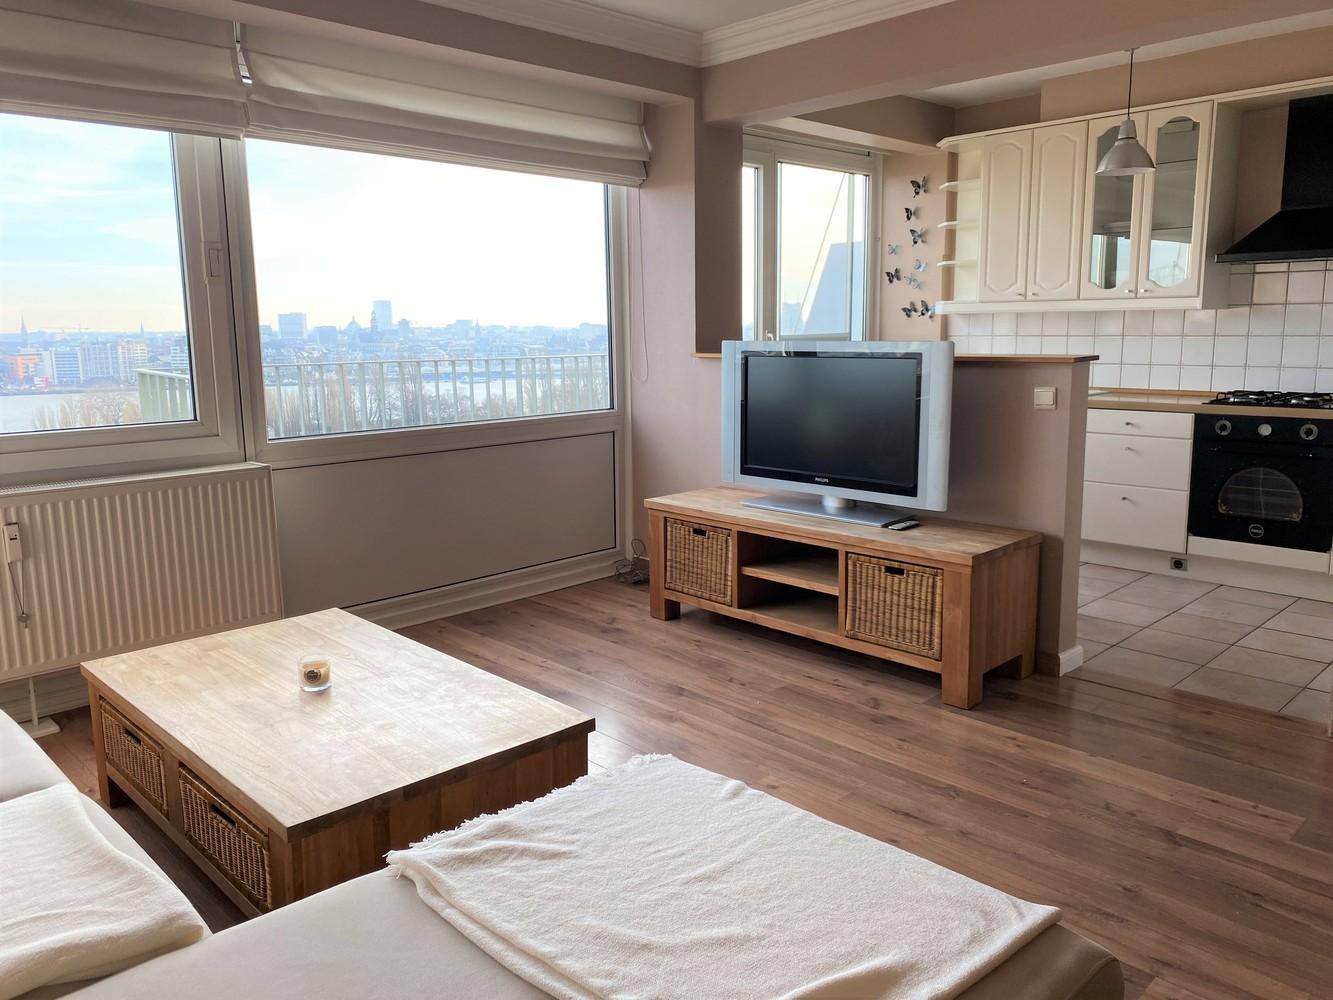 Lichtrijk, bemeubeld en ruim appartement met 2 slaapkamers & een uniek uitzicht over Antwerpen! afbeelding 1